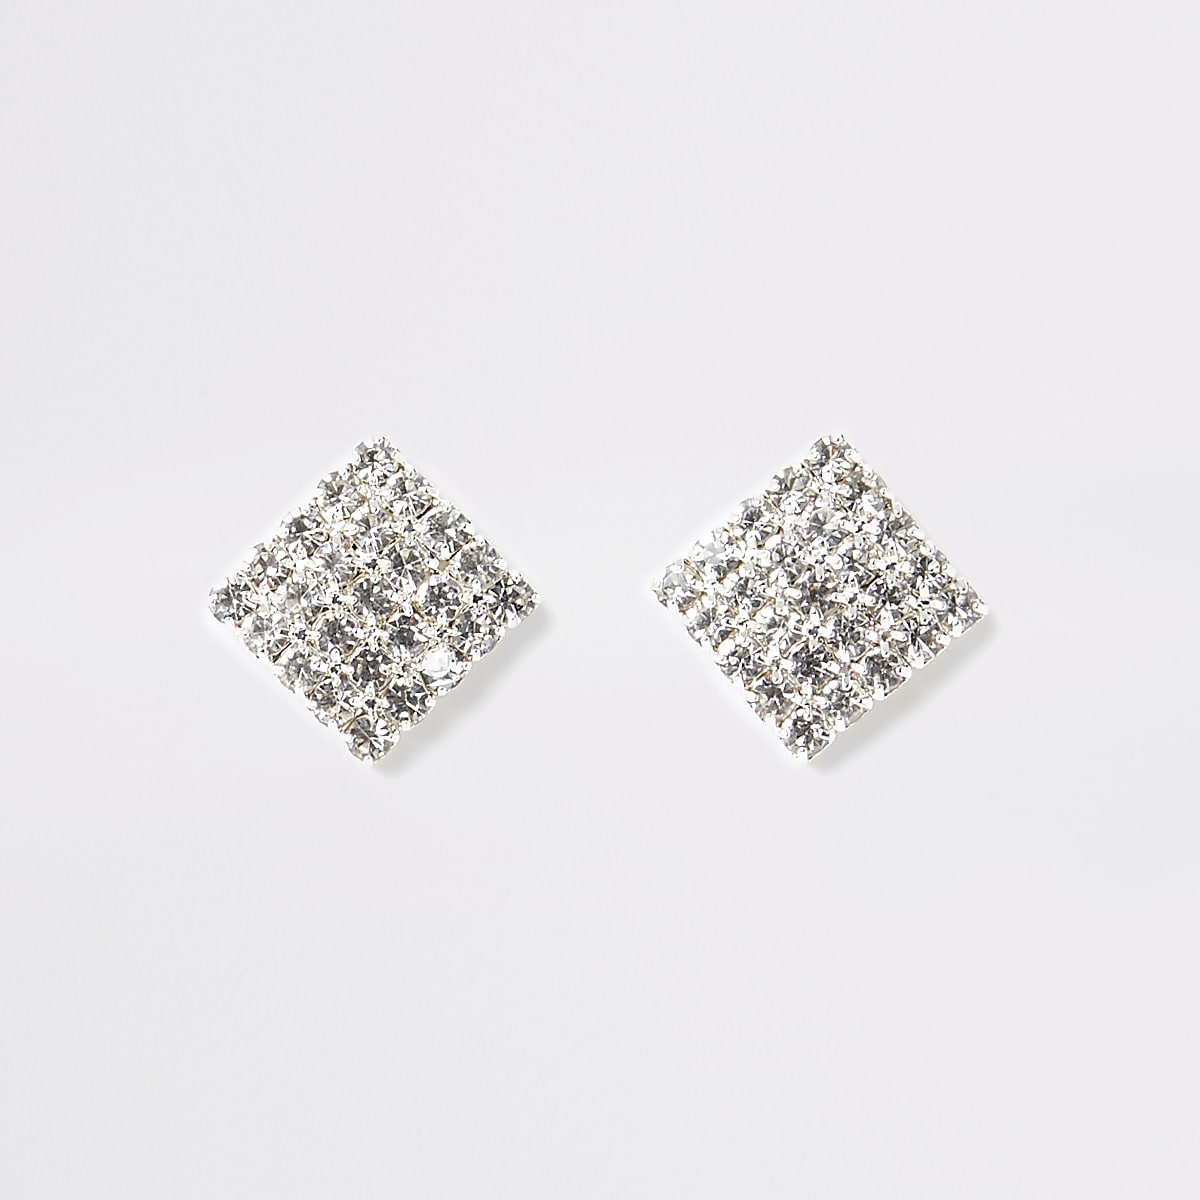 Zilverkleurige vierkante oorknopjes met diamantjes